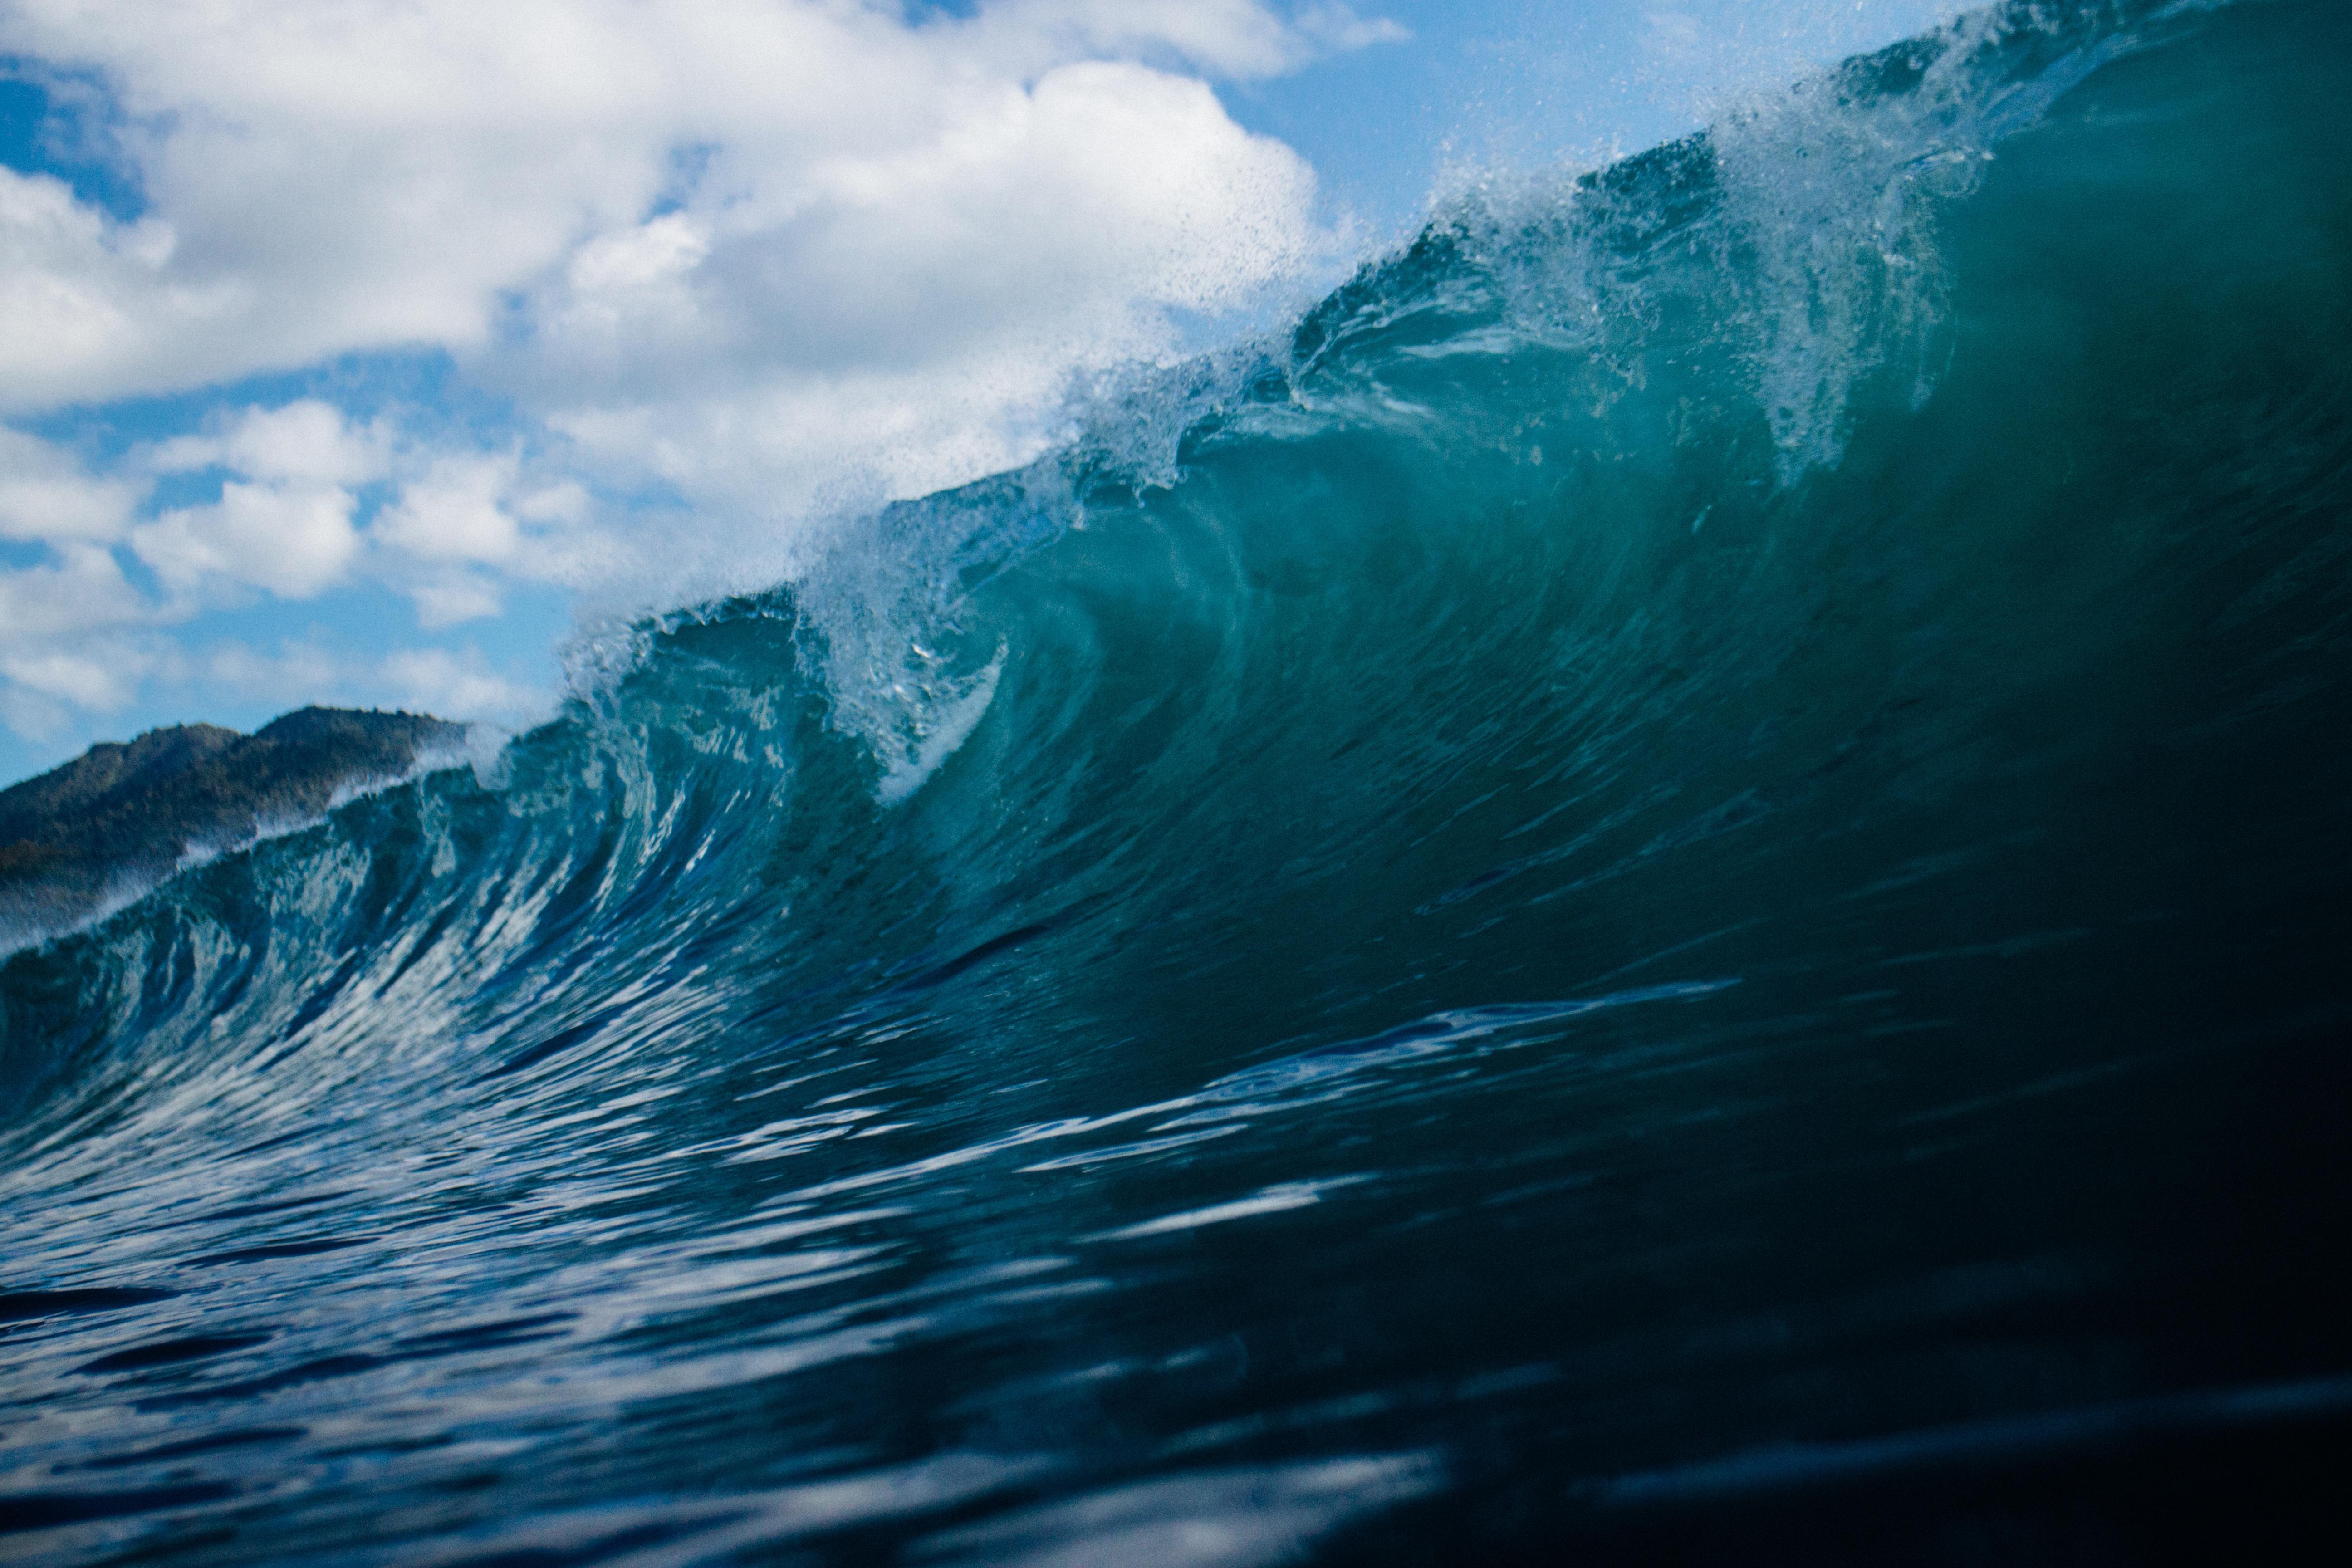 картинки волны океана безусловно отличный город-курорт